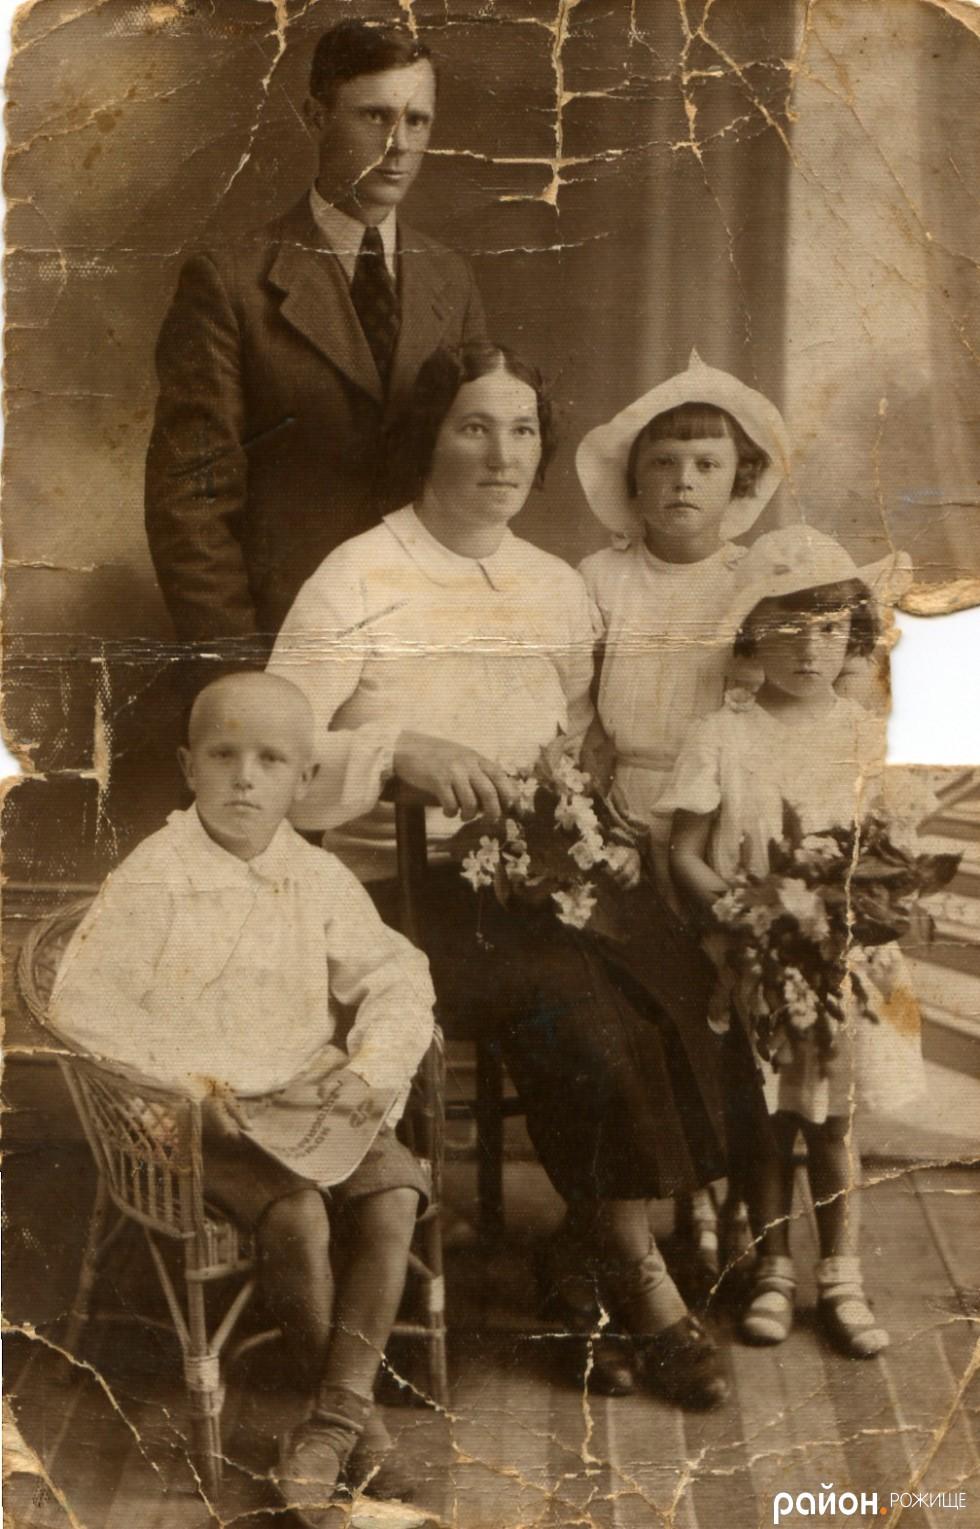 Сімейне фото у студії